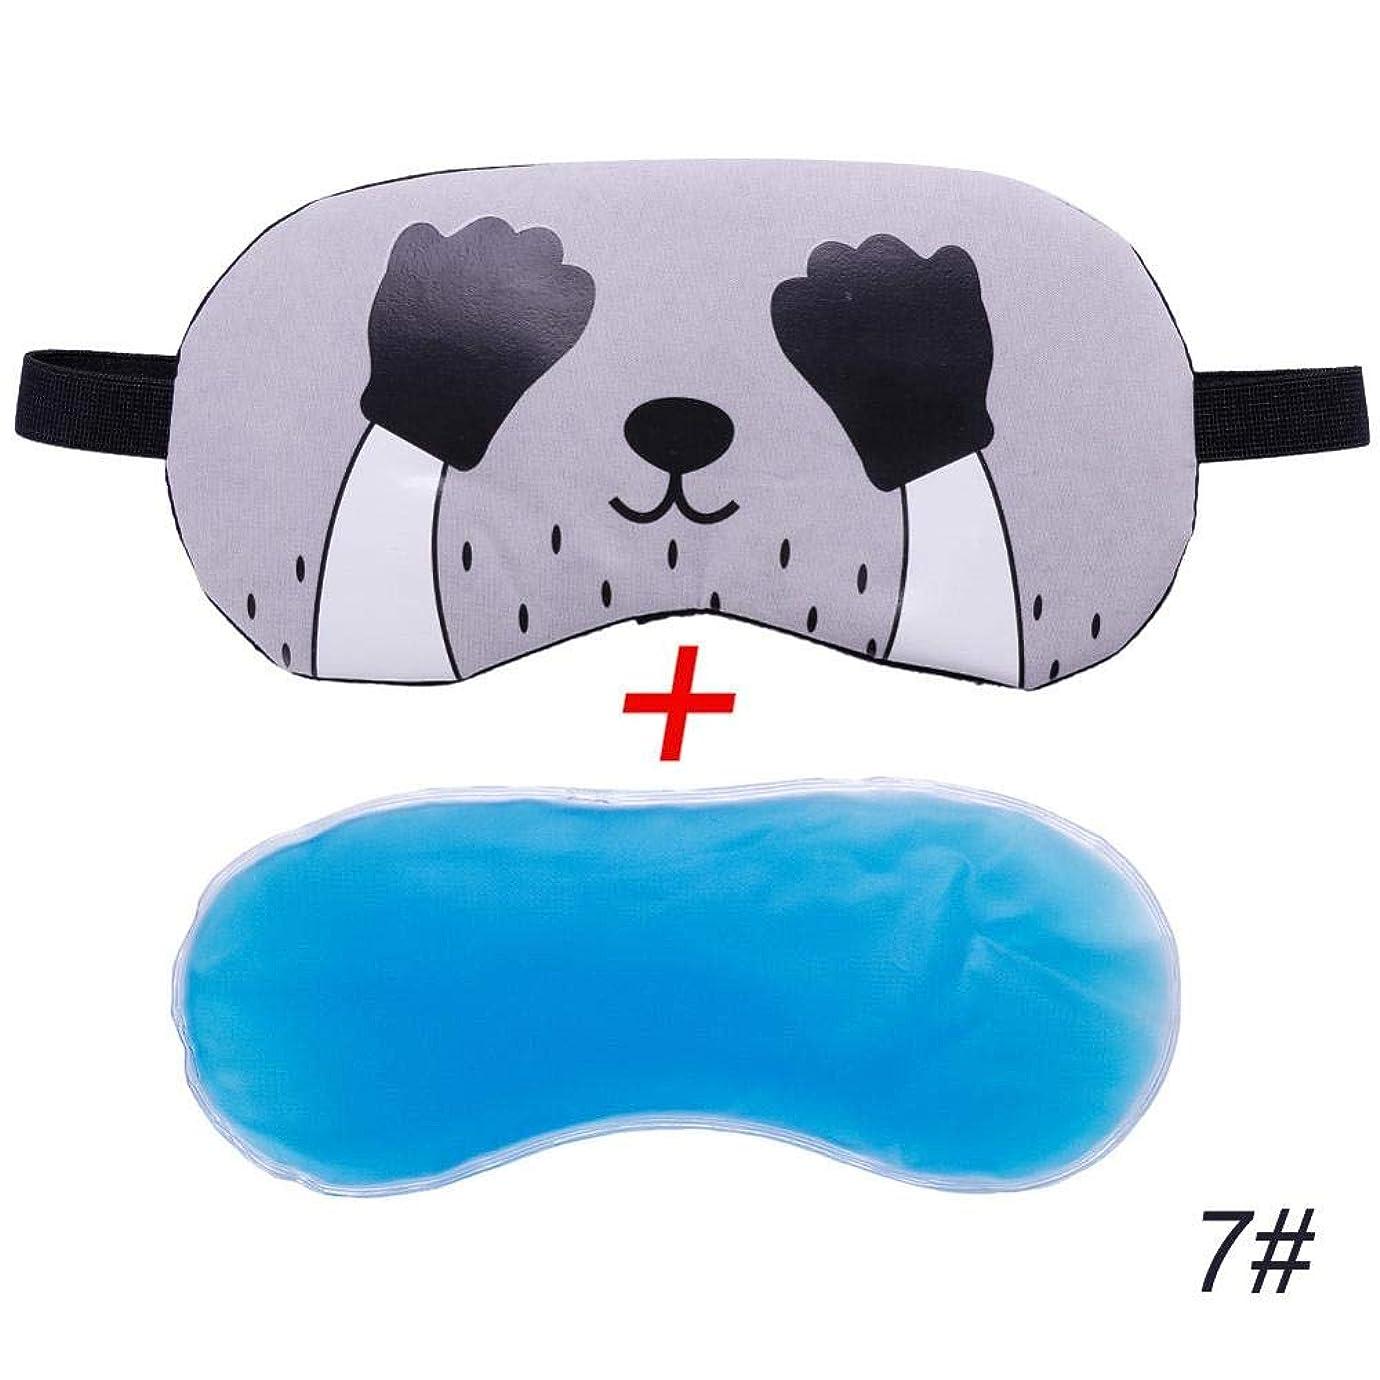 極めて被害者首謀者NOTE かわいい猫漫画ソフトアイ睡眠補助マスクで快適なアイス圧縮ゲル旅行残りアイシェードカバー目隠し#280205